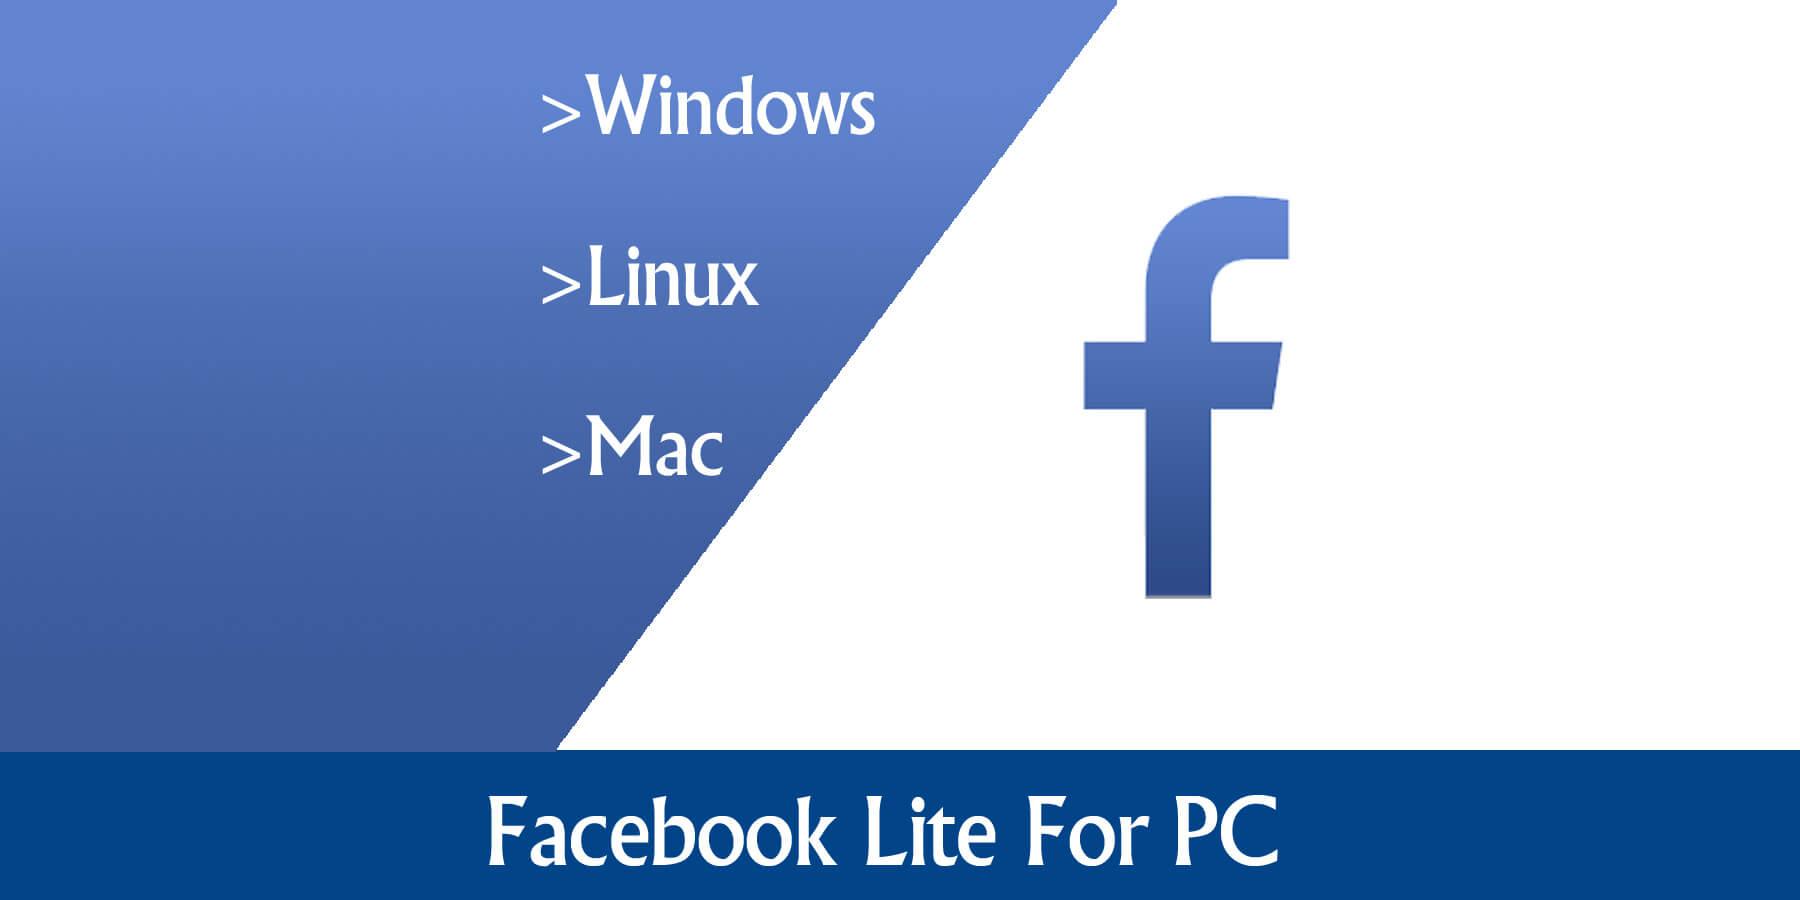 تحميل برنامج Facebook Lite = للكمبيوتر (مجانا)